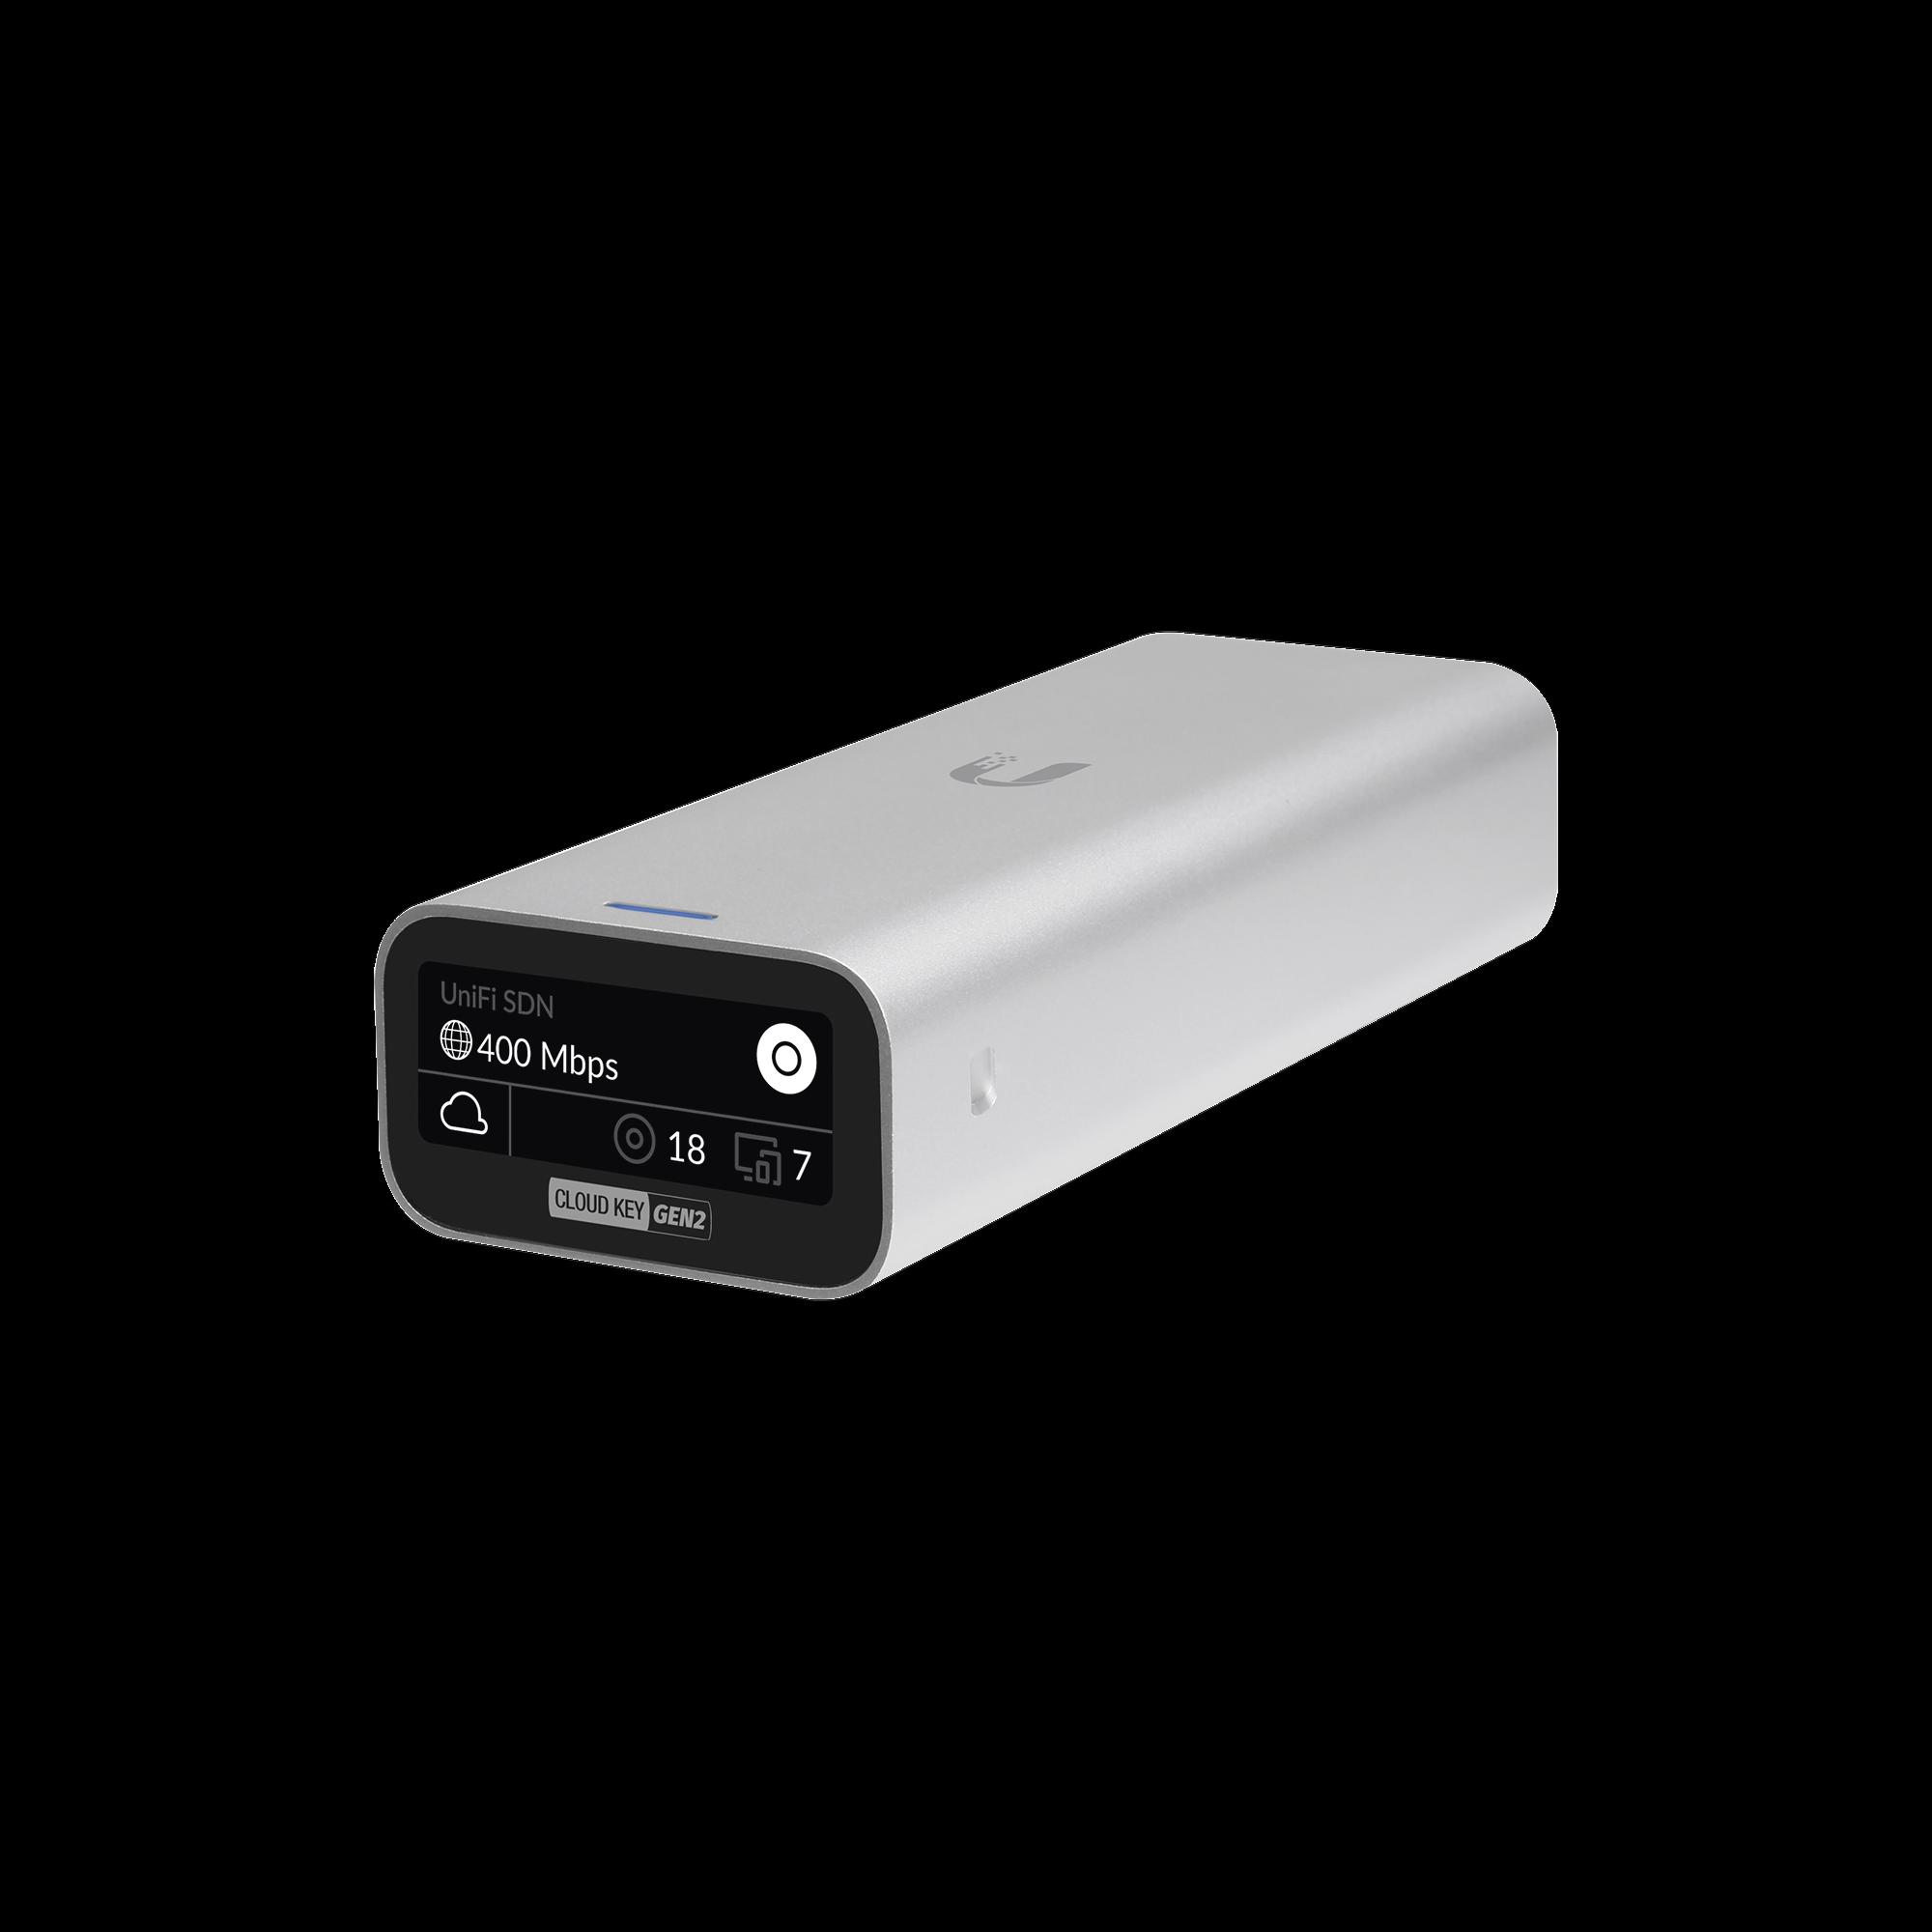 Controlador UniFi Cloud Key Gen2 para gestionar hasta 100 dispositivos UniFi, portal cautivo, alertas, configura via remota, etc.